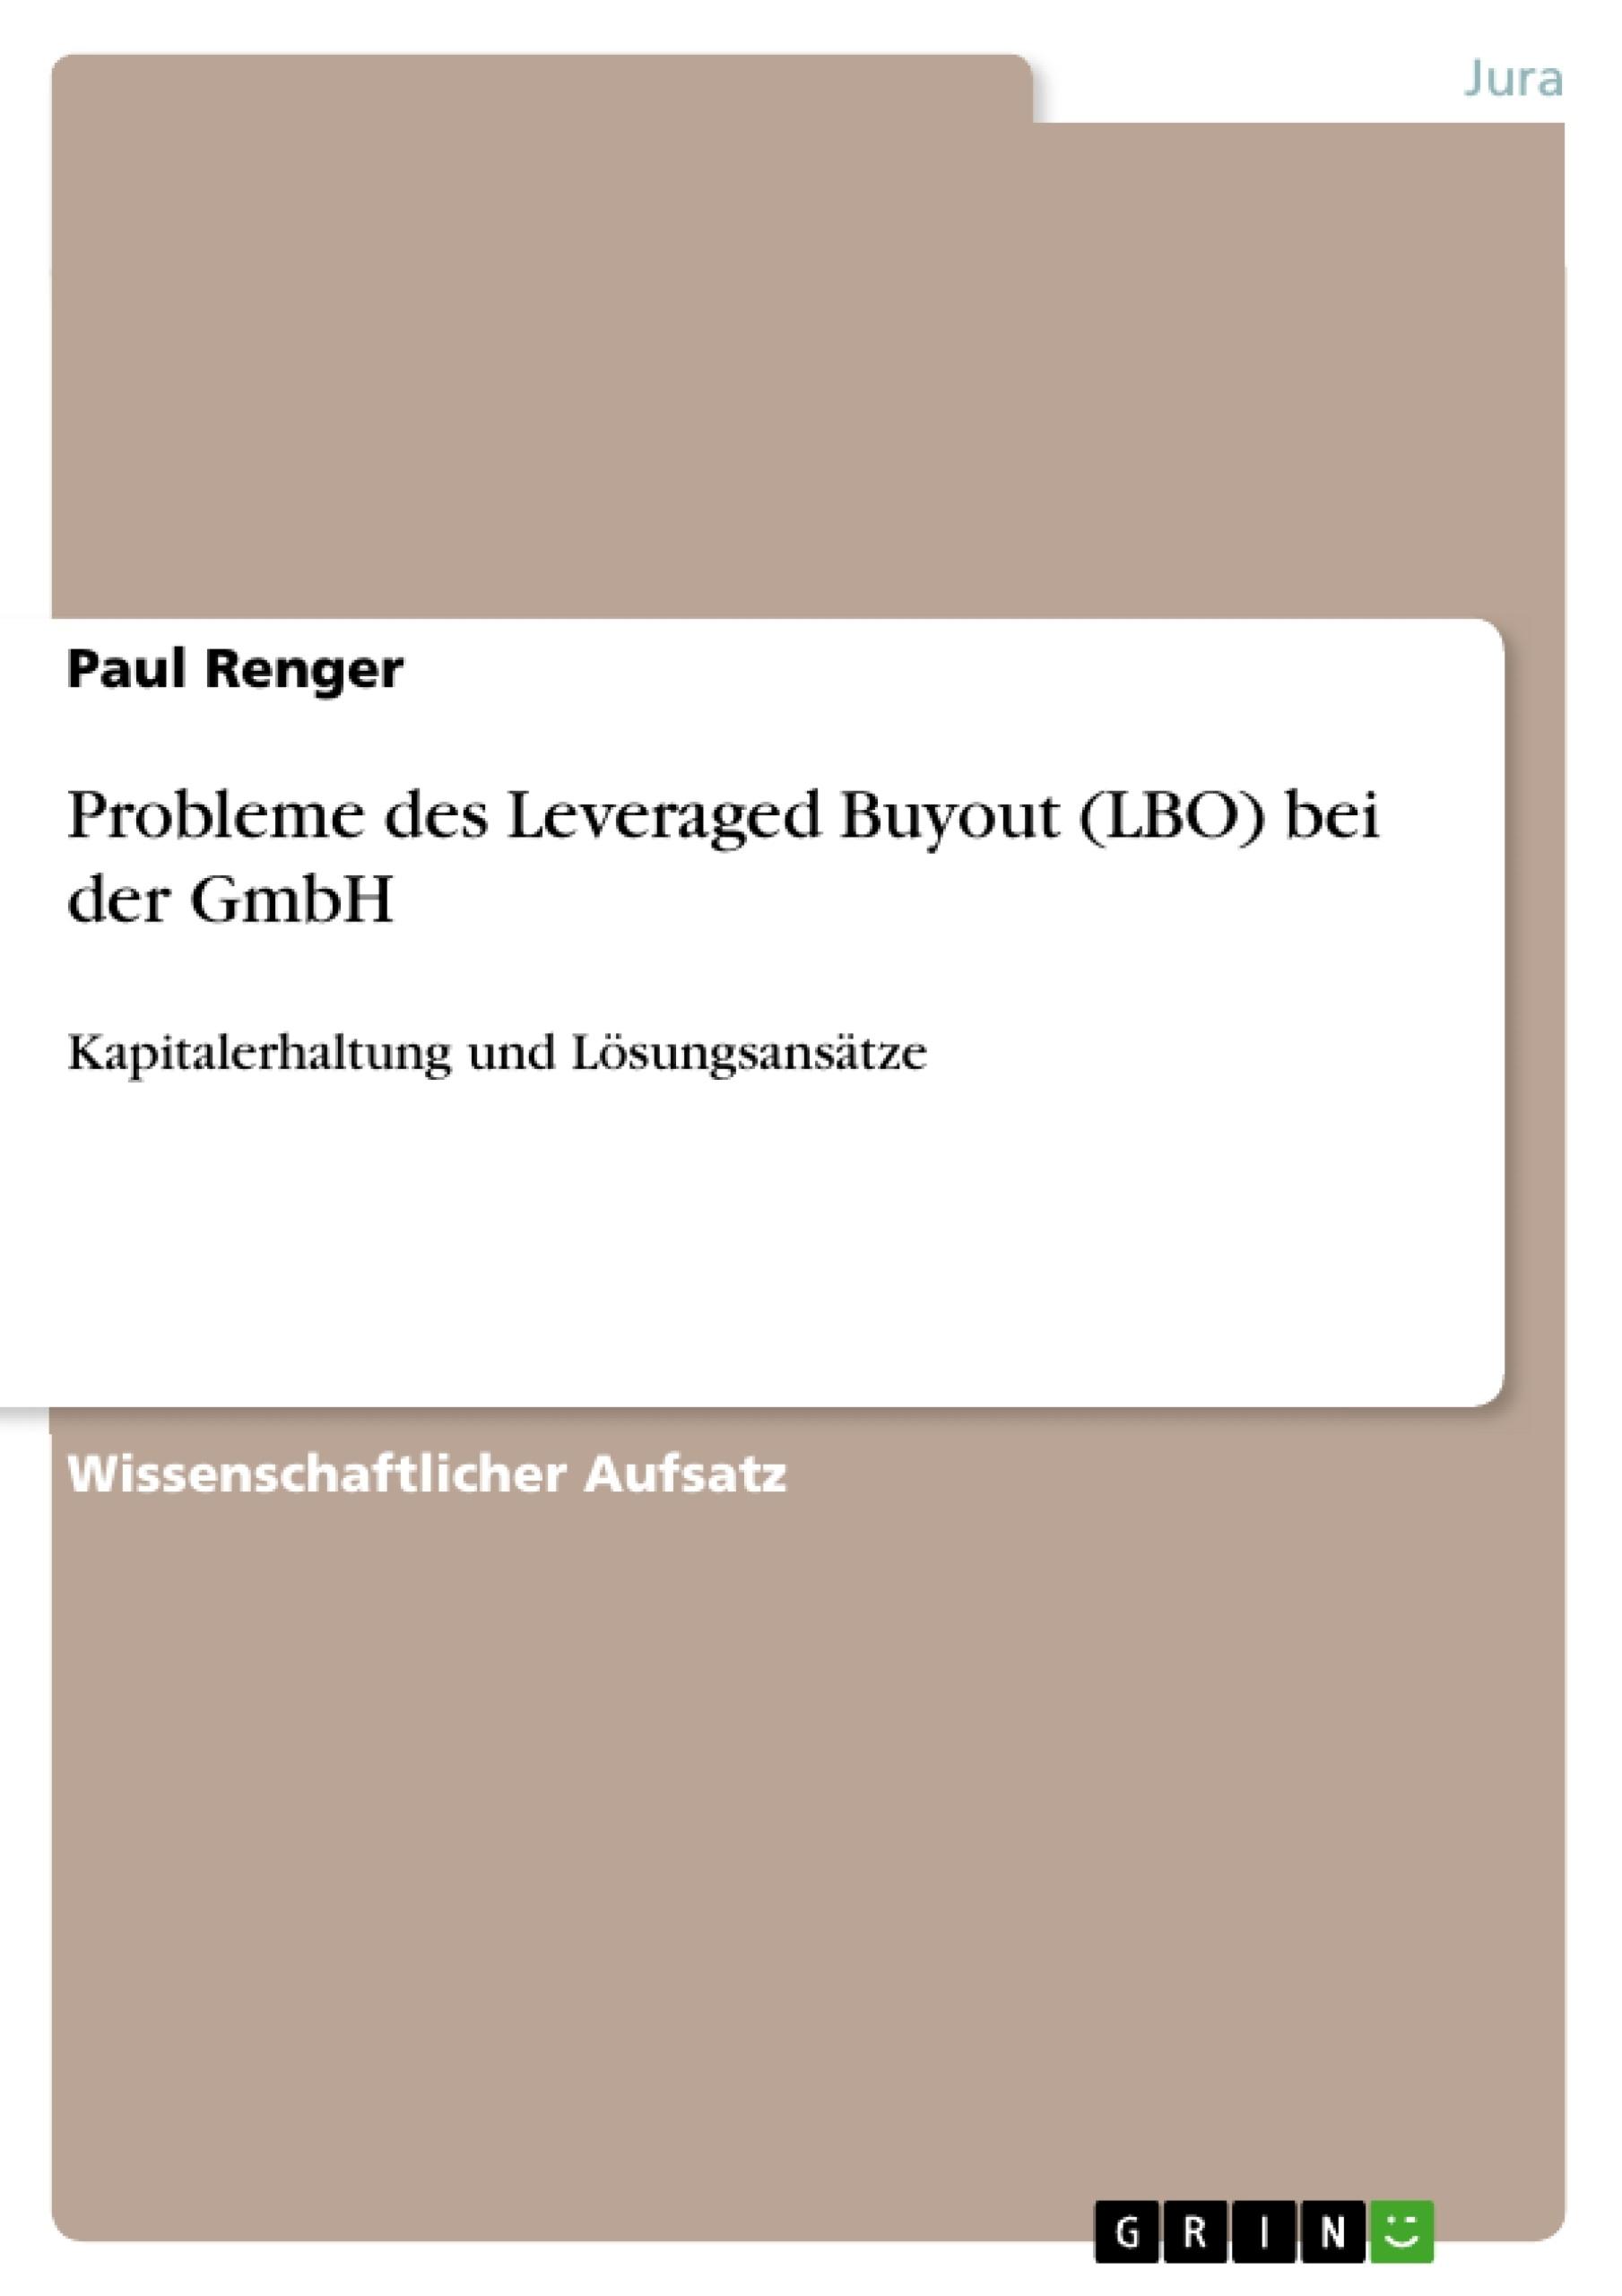 Titel: Probleme des Leveraged Buyout (LBO) bei der GmbH